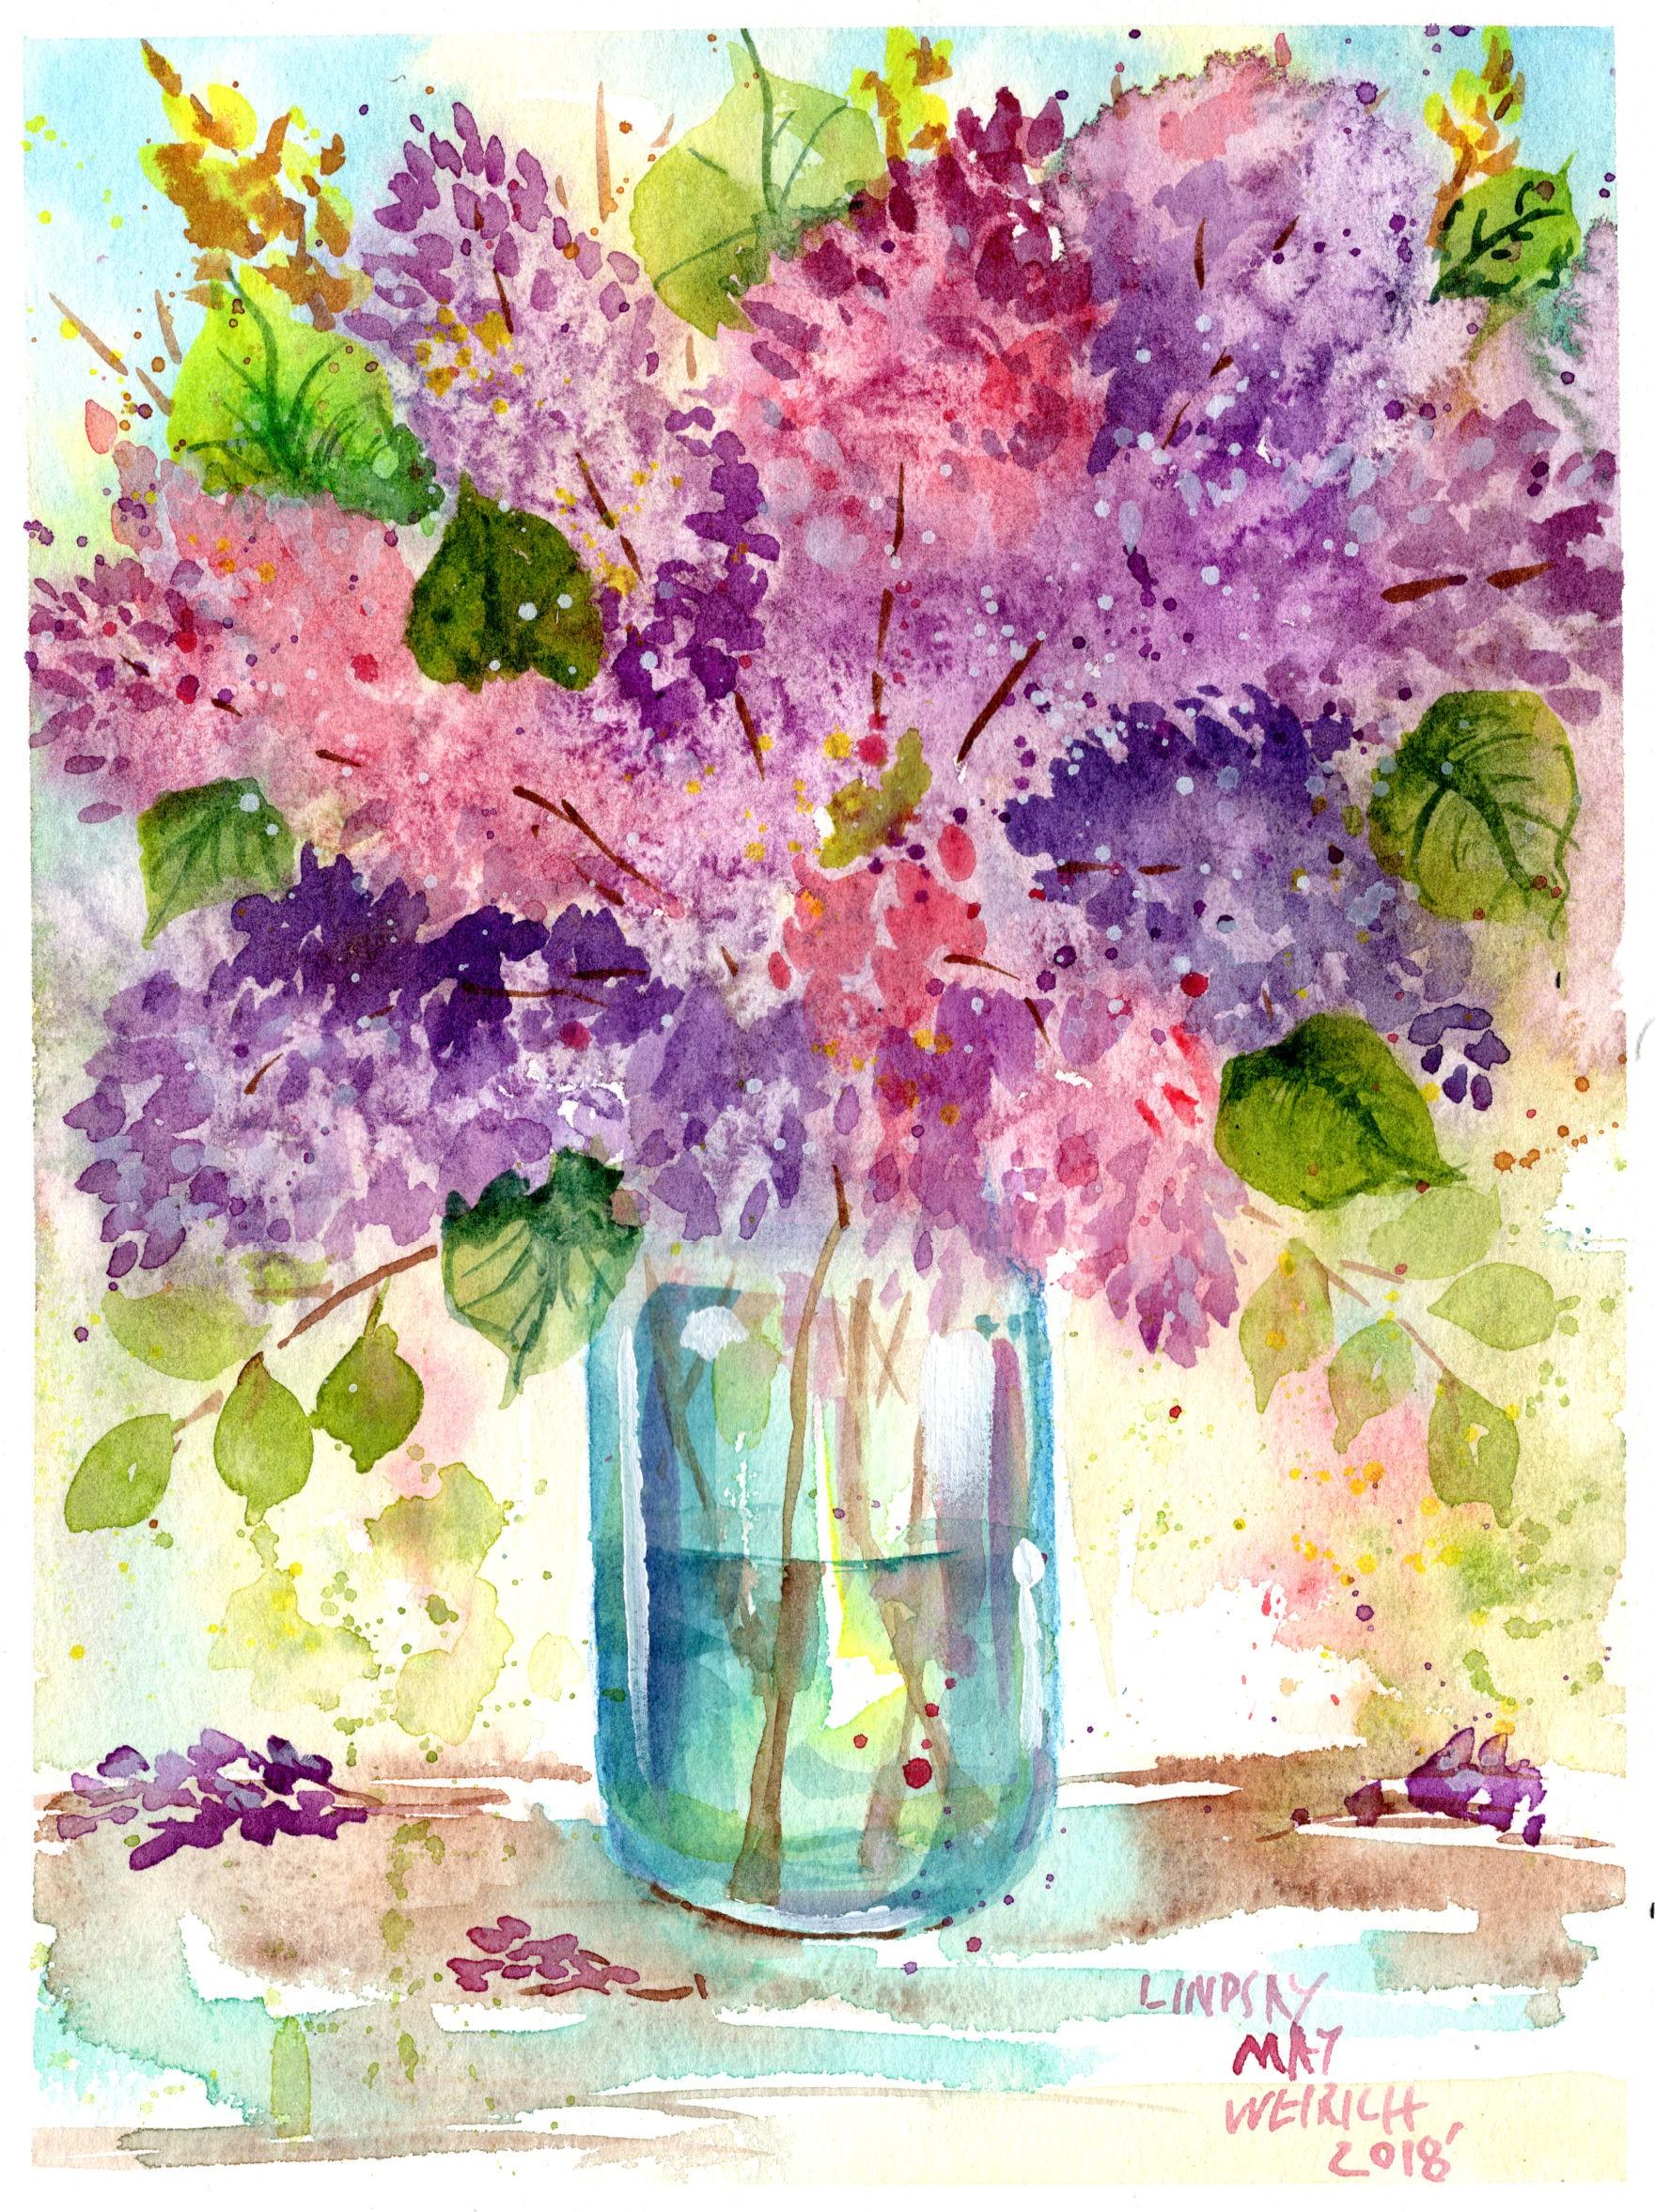 Loose Juicy Watercolor Florals Lindsayweirich